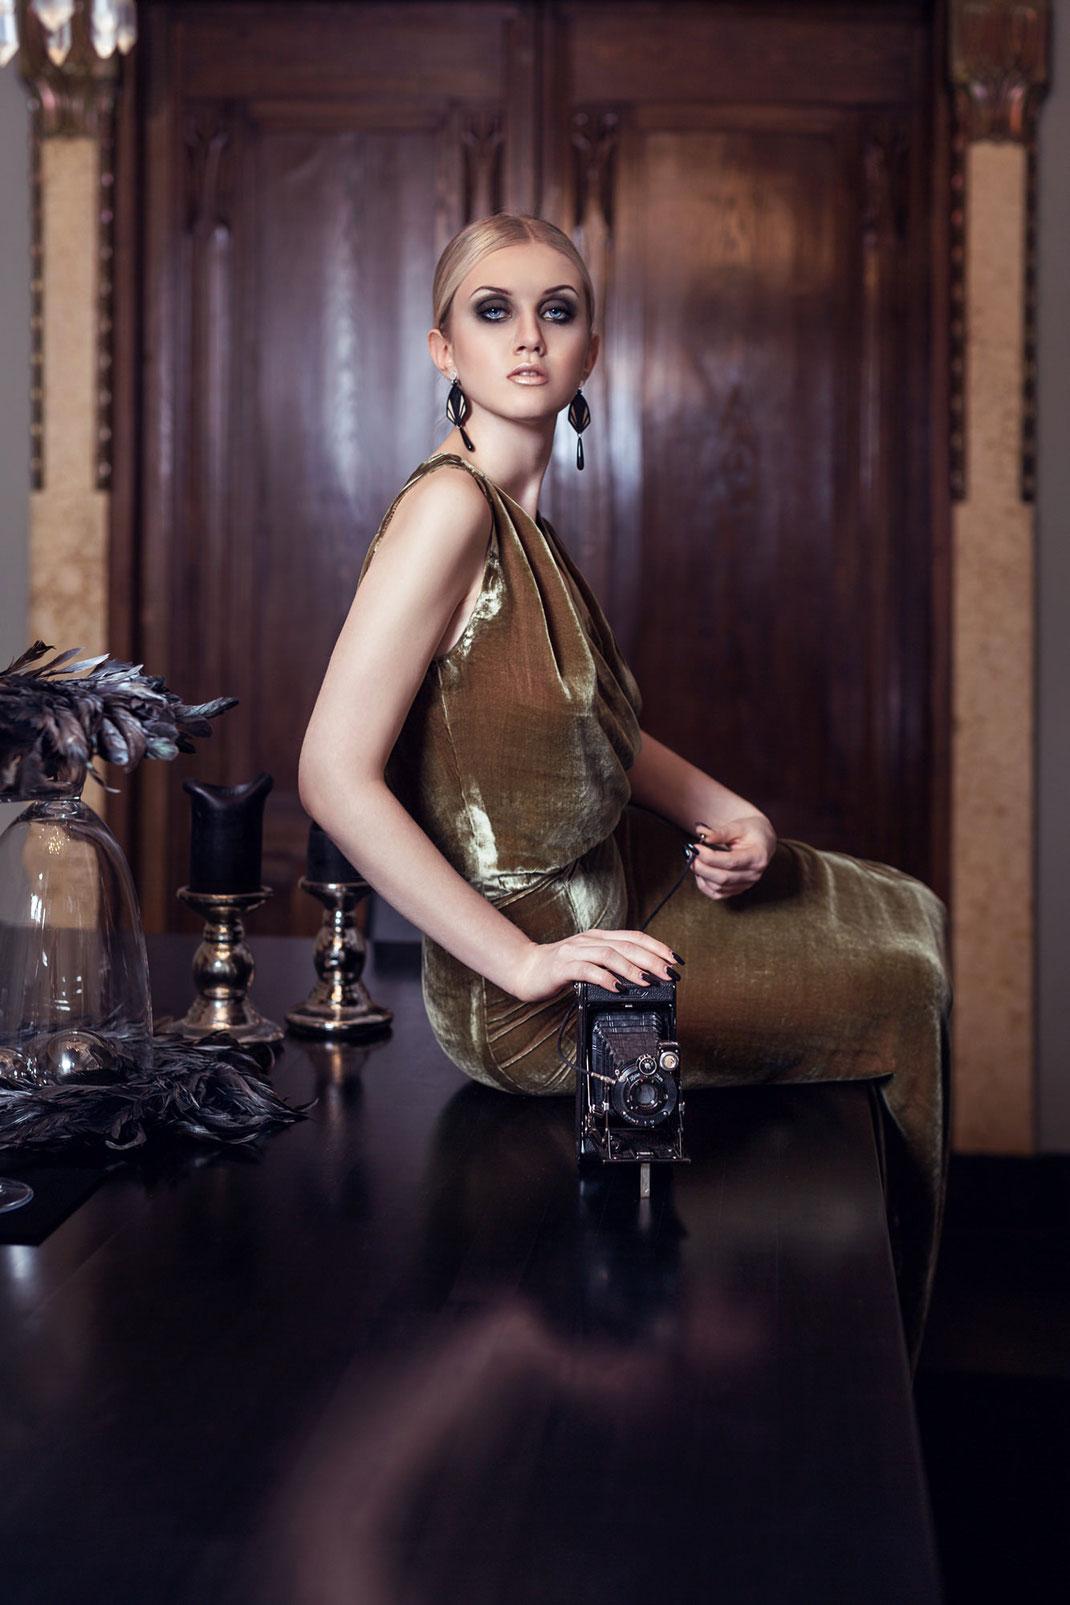 Two Beauties - Julia & Zeiss Ikon Derval Ikonta Anastigmat - Markus Hertzsch - Camera - Girl